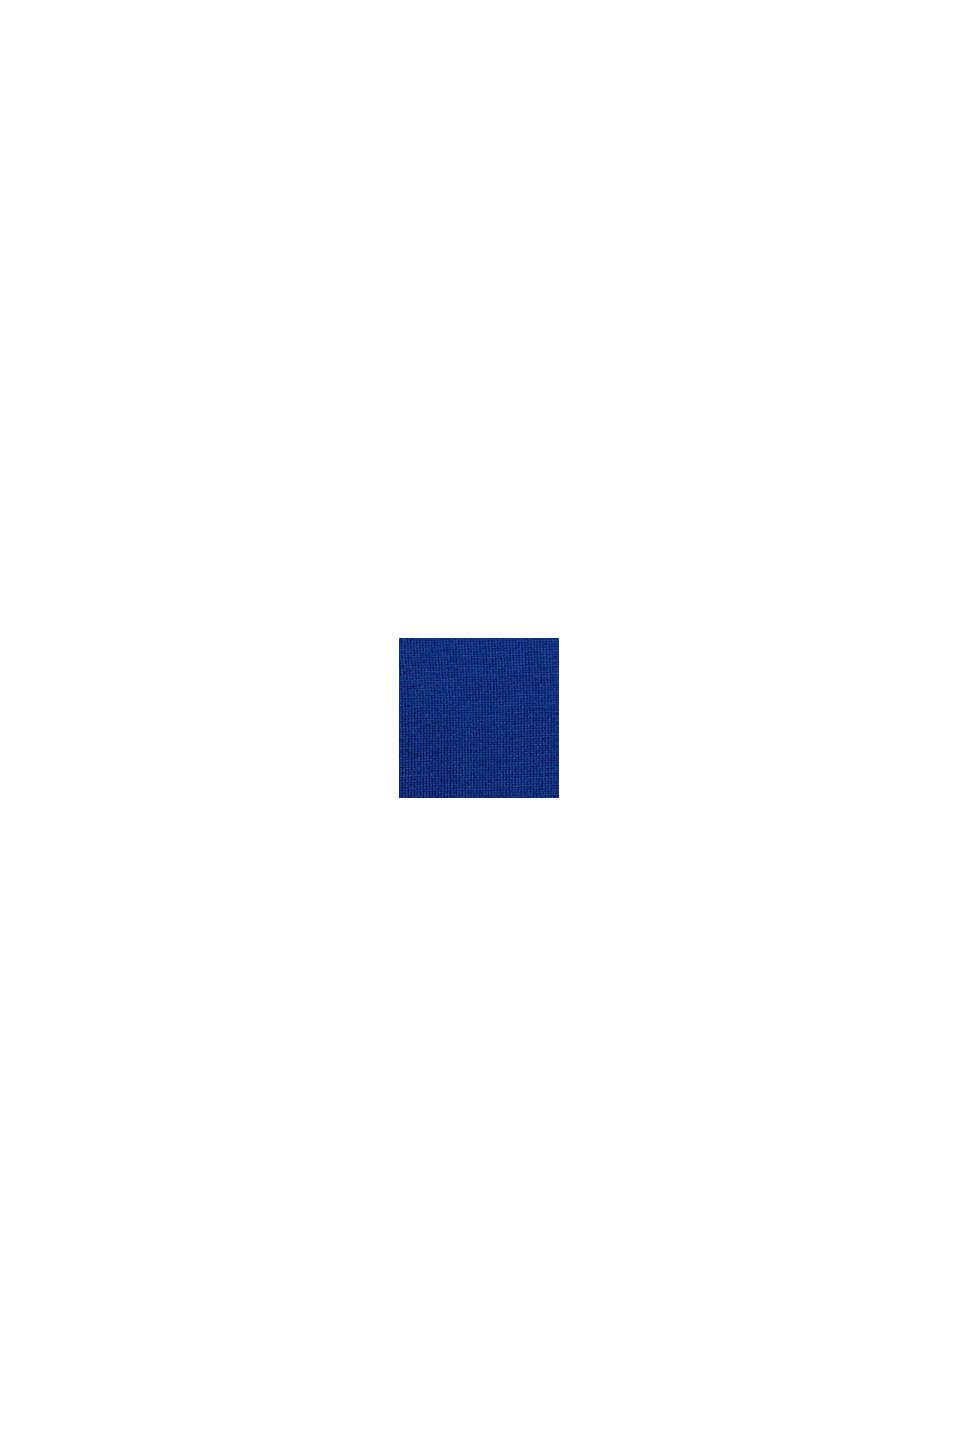 Trui met opstaande kraag, van 100% wol, BRIGHT BLUE, swatch